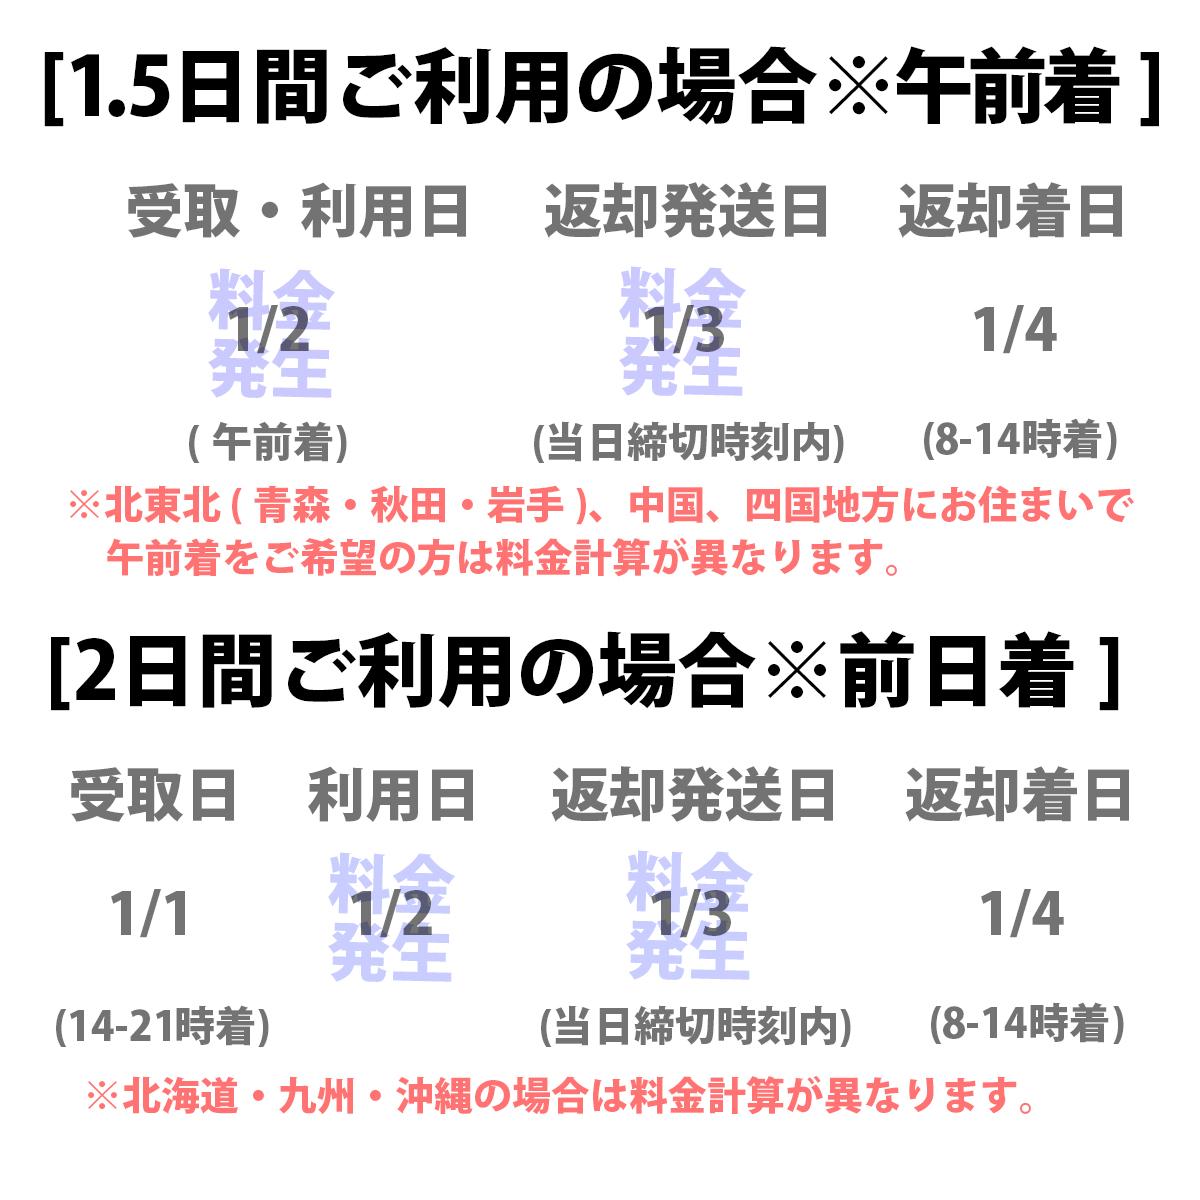 宅配レンタル★DJI Osmo Pocket 1日480円(32GB付き)★前日着_画像2